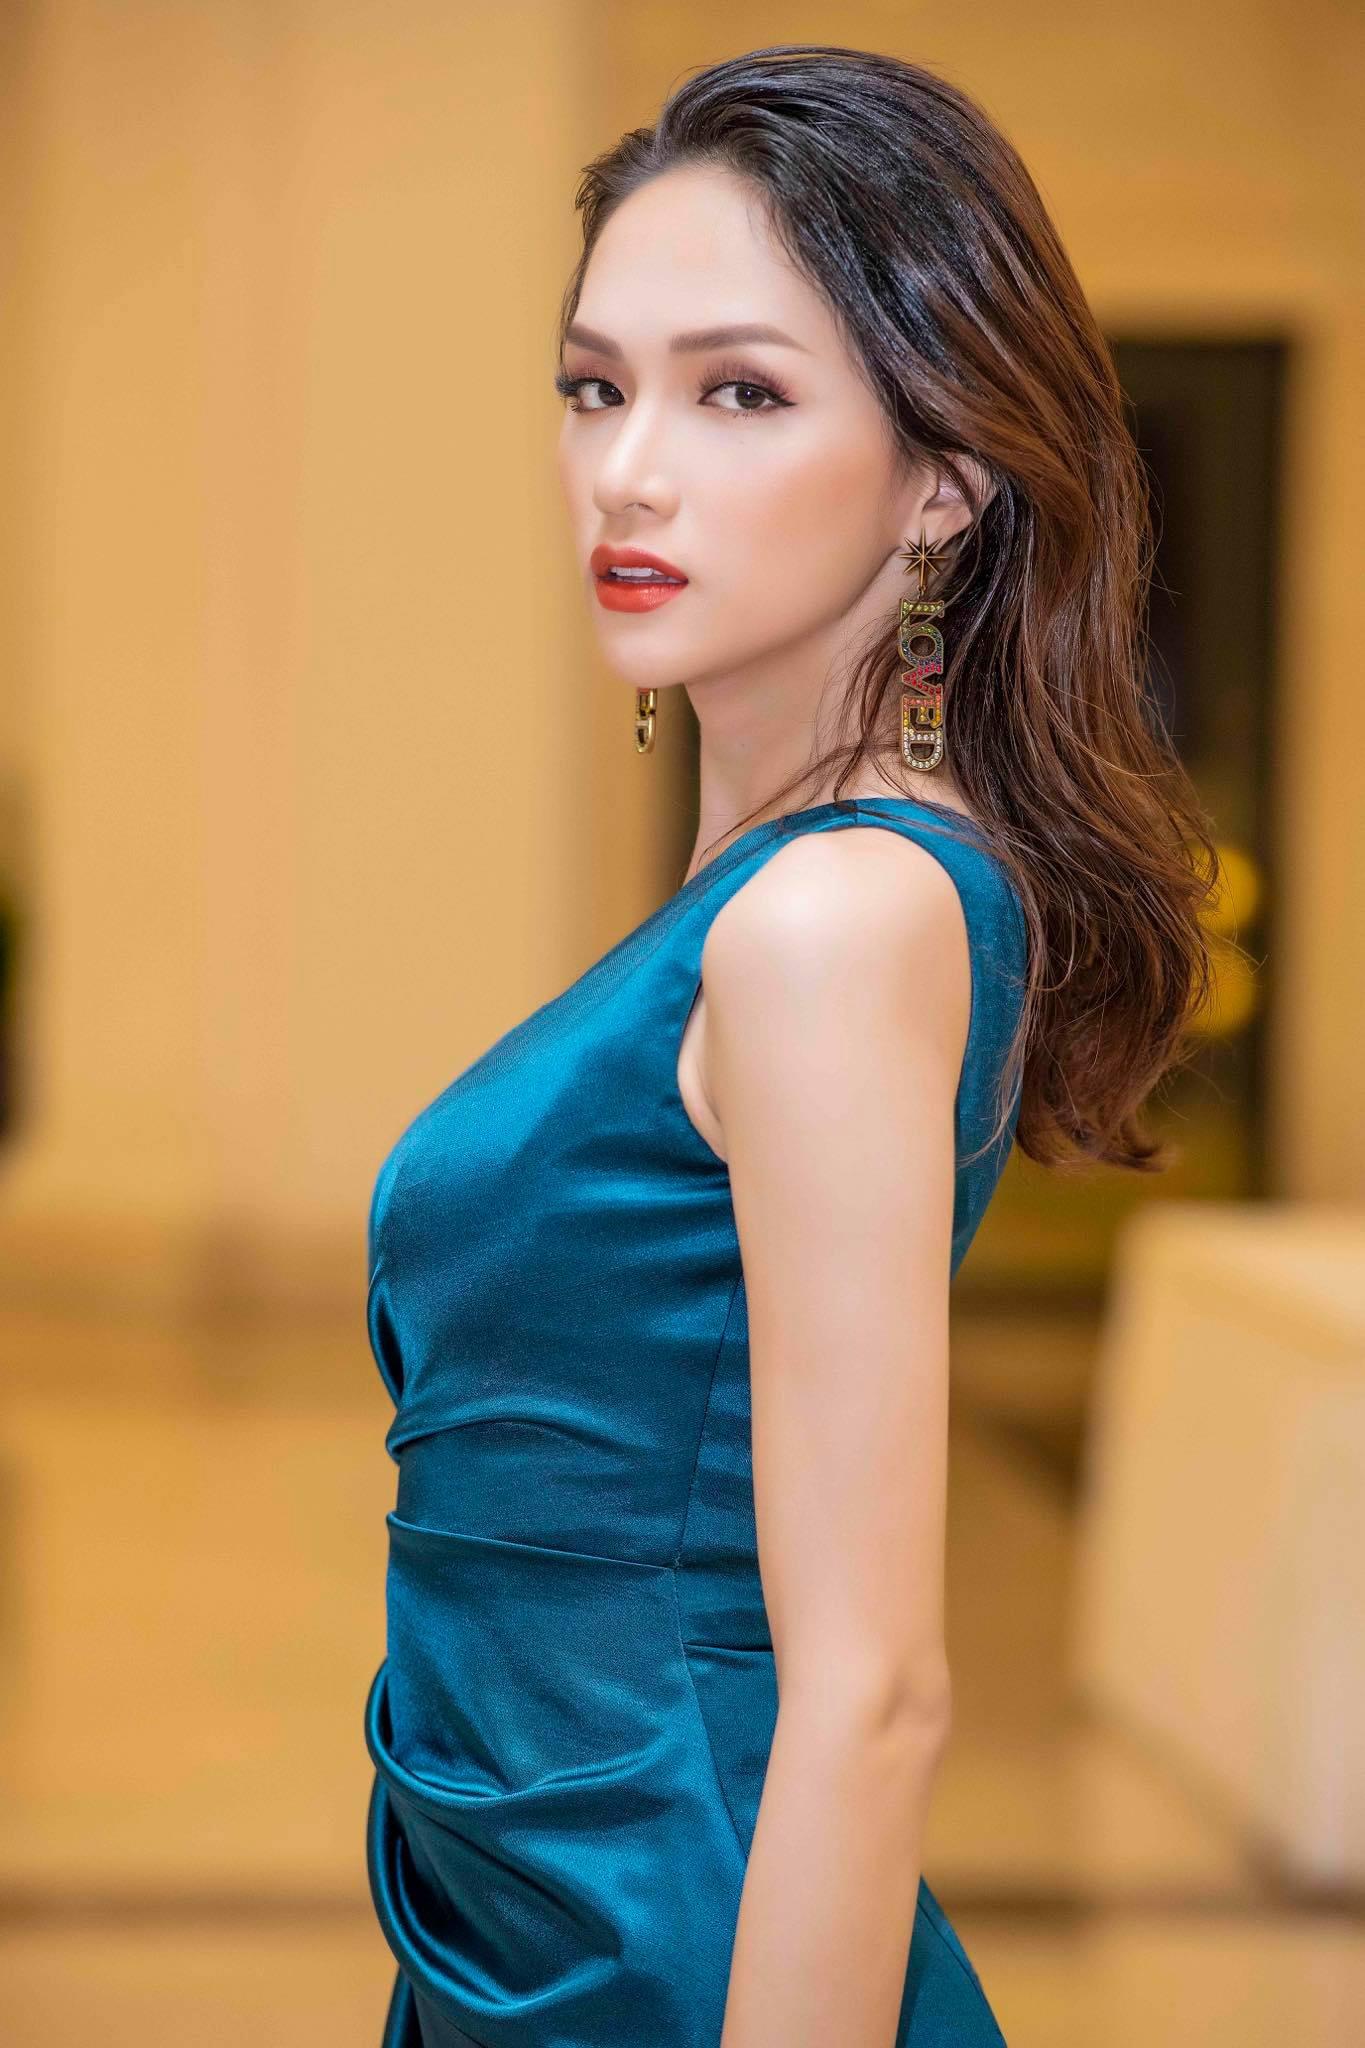 Từ tiếc nuối, NTK Hà Duy bất ngờ quay lại tố ngược Hương Giang thiếu chuyên nghiệp - Ảnh 1.